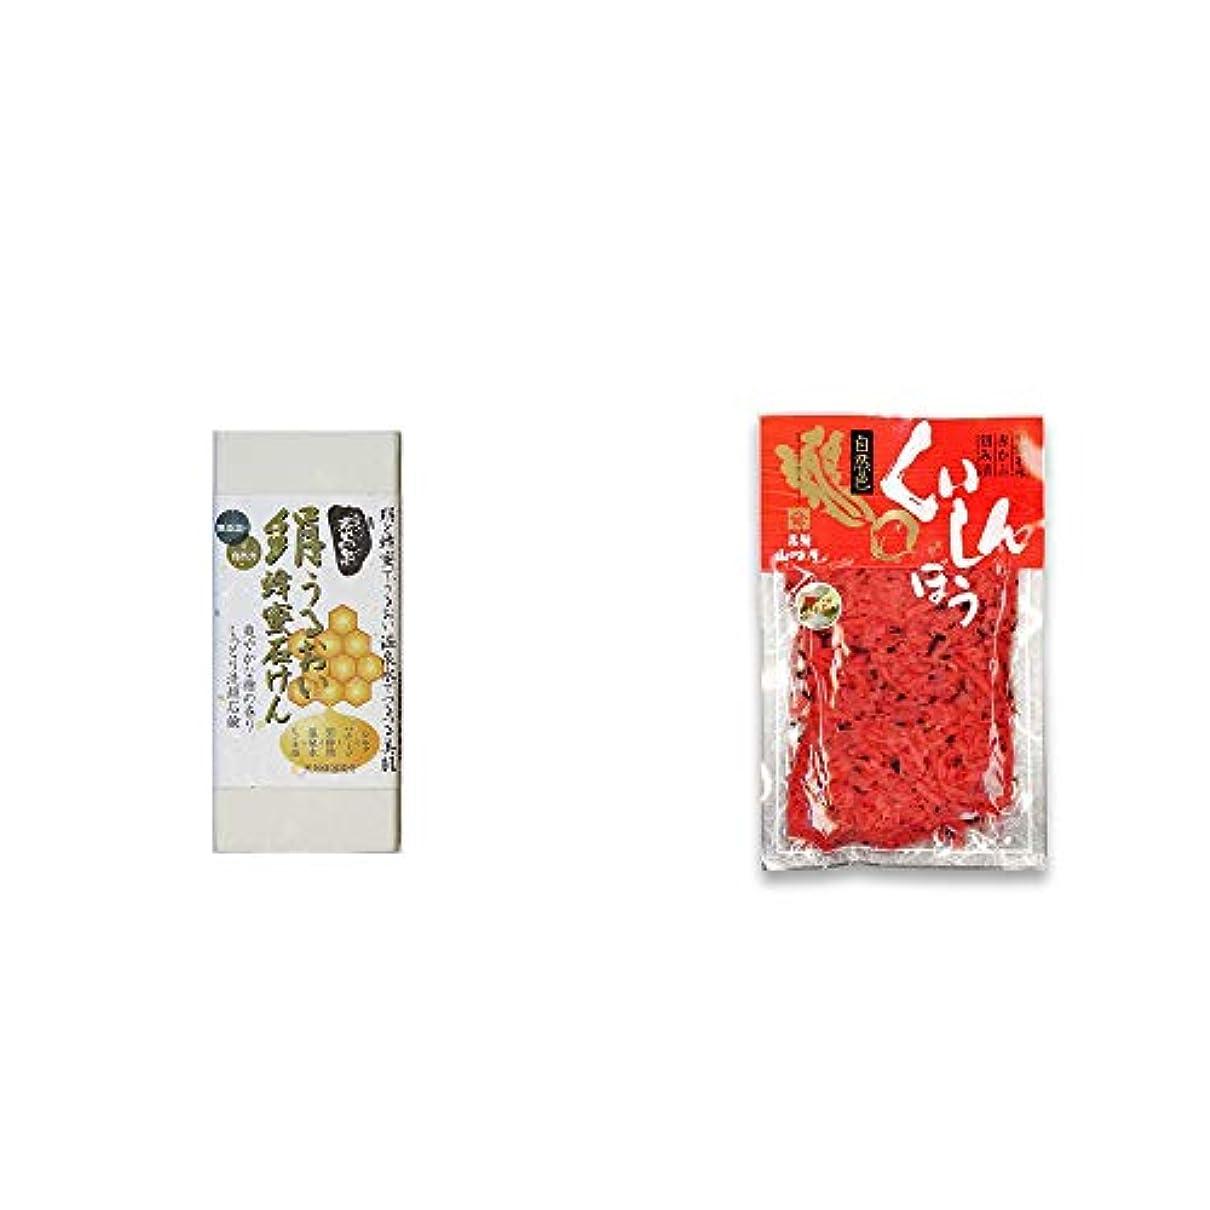 リム異なるベルベット[2点セット] ひのき炭黒泉 絹うるおい蜂蜜石けん(75g×2)?飛騨山味屋 くいしんぼう【小】 (160g)